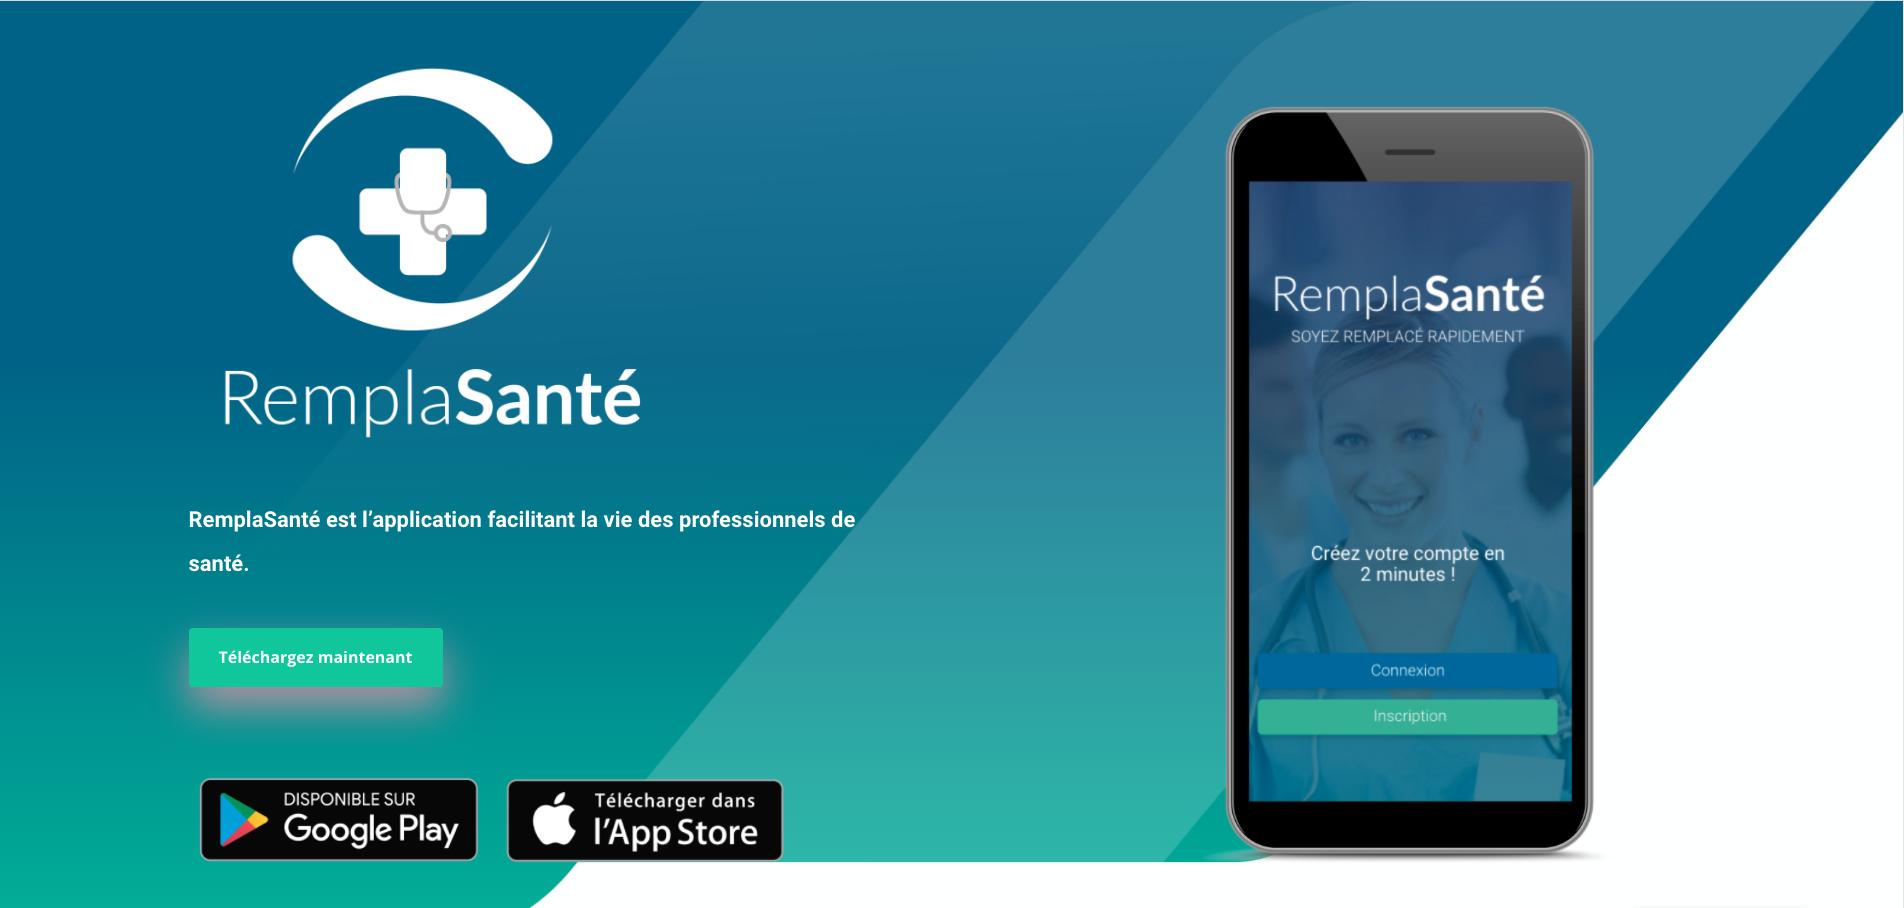 Remplasanté - Application mobile